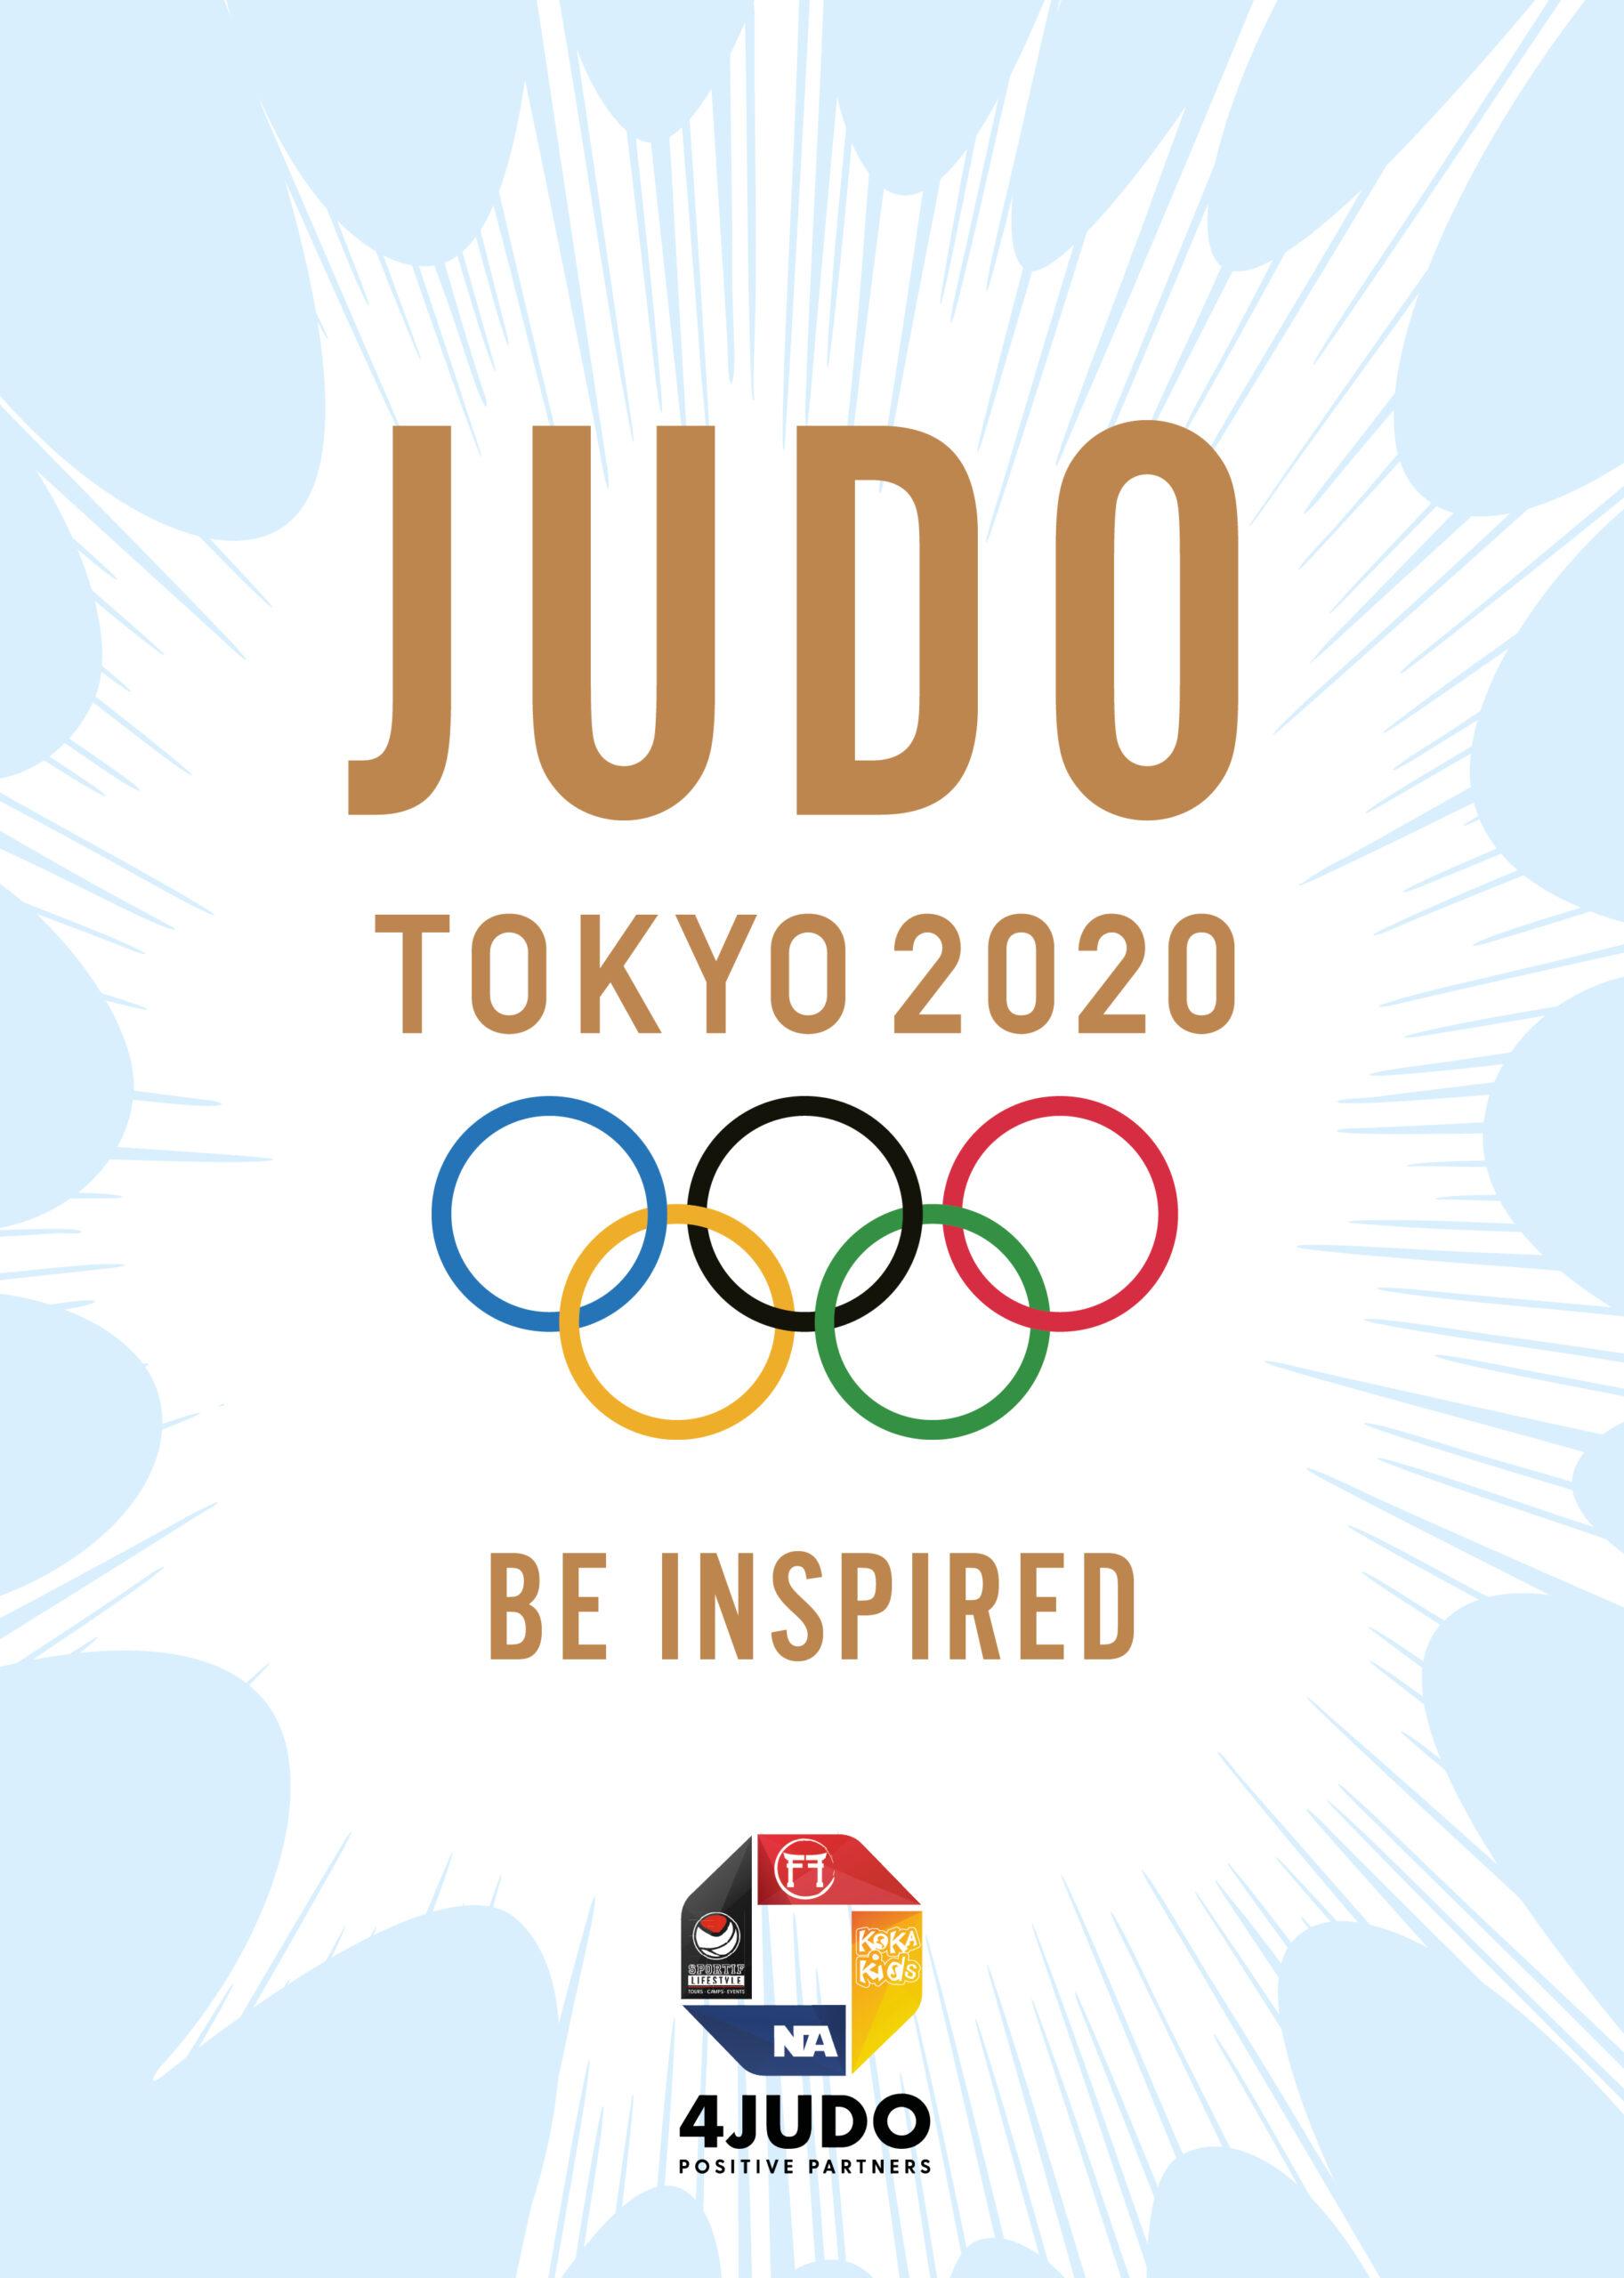 Tokyo 2020 Judo